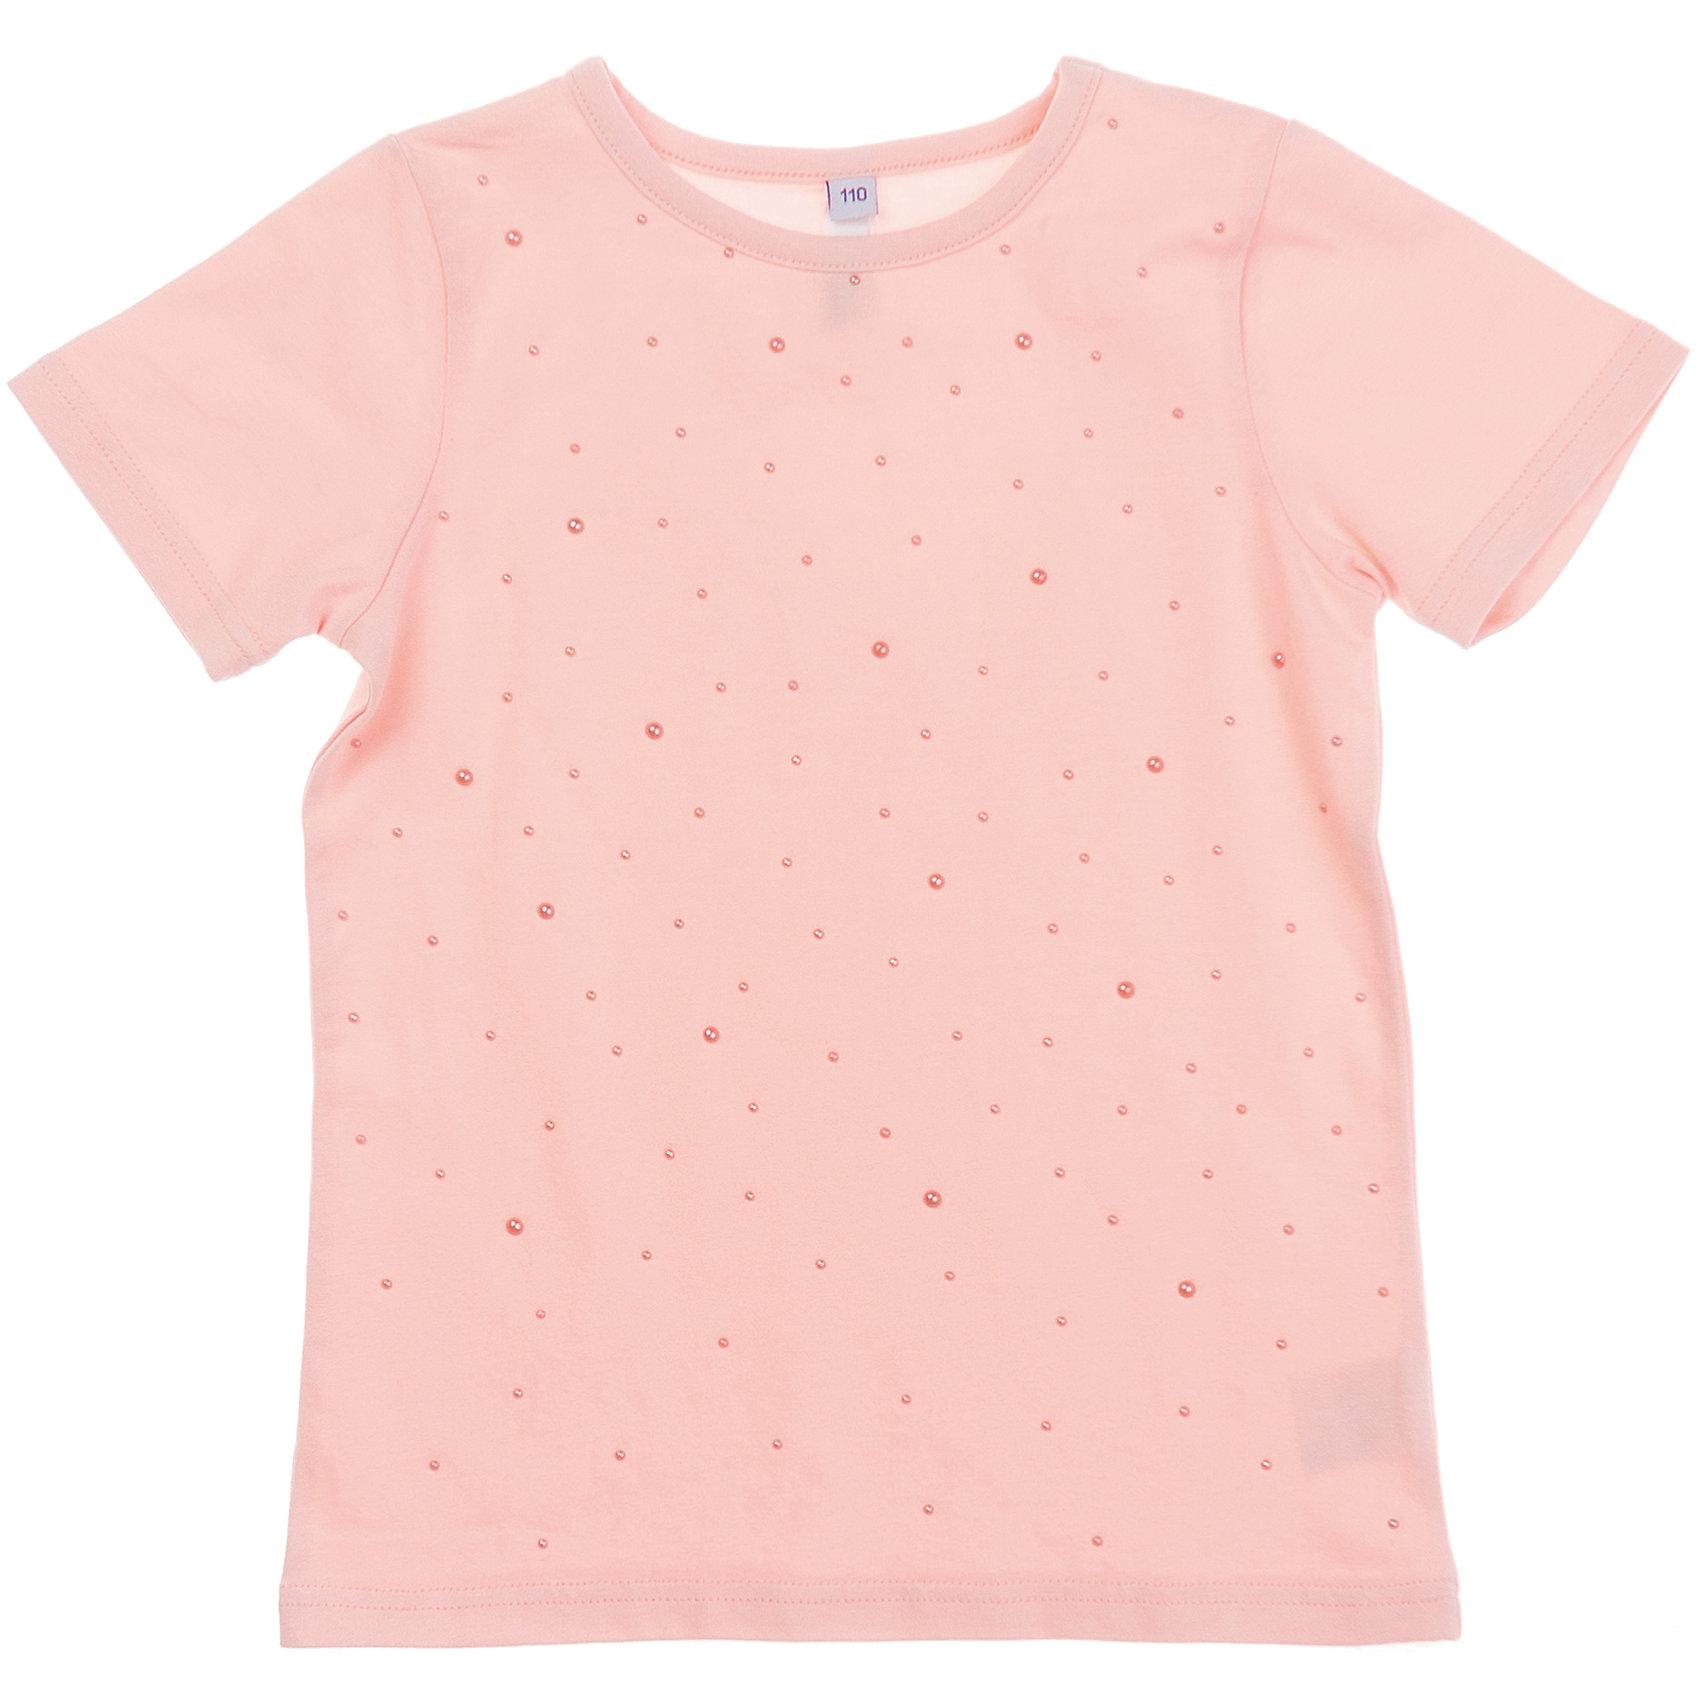 Футболка для девочки PlayTodayФутболки, поло и топы<br>Нежная футболка клубнично-йогуртового цвета. Украшена пертлумутровыми бусинками. Состав: 95% хлопок, 5% эластан<br><br>Ширина мм: 199<br>Глубина мм: 10<br>Высота мм: 161<br>Вес г: 151<br>Цвет: розовый<br>Возраст от месяцев: 48<br>Возраст до месяцев: 60<br>Пол: Женский<br>Возраст: Детский<br>Размер: 110,104,98,128,122,116<br>SKU: 4652637